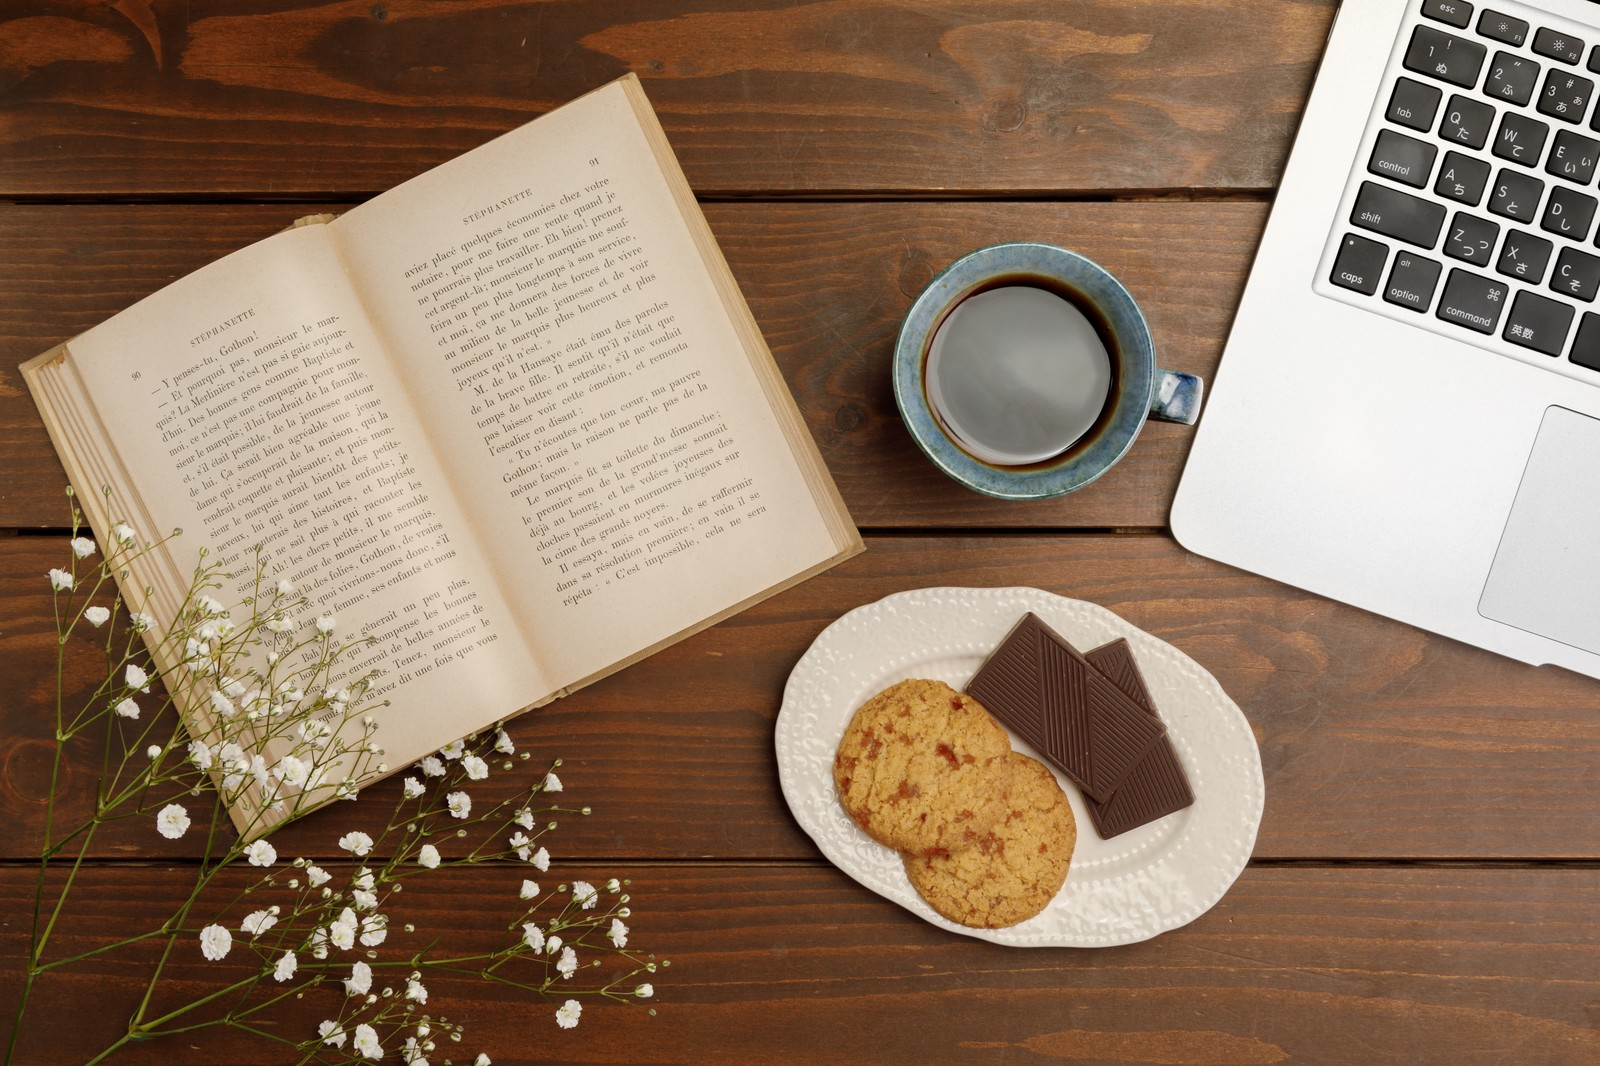 テーブルの上に置かれた英語の書籍とクッキーとコーヒー